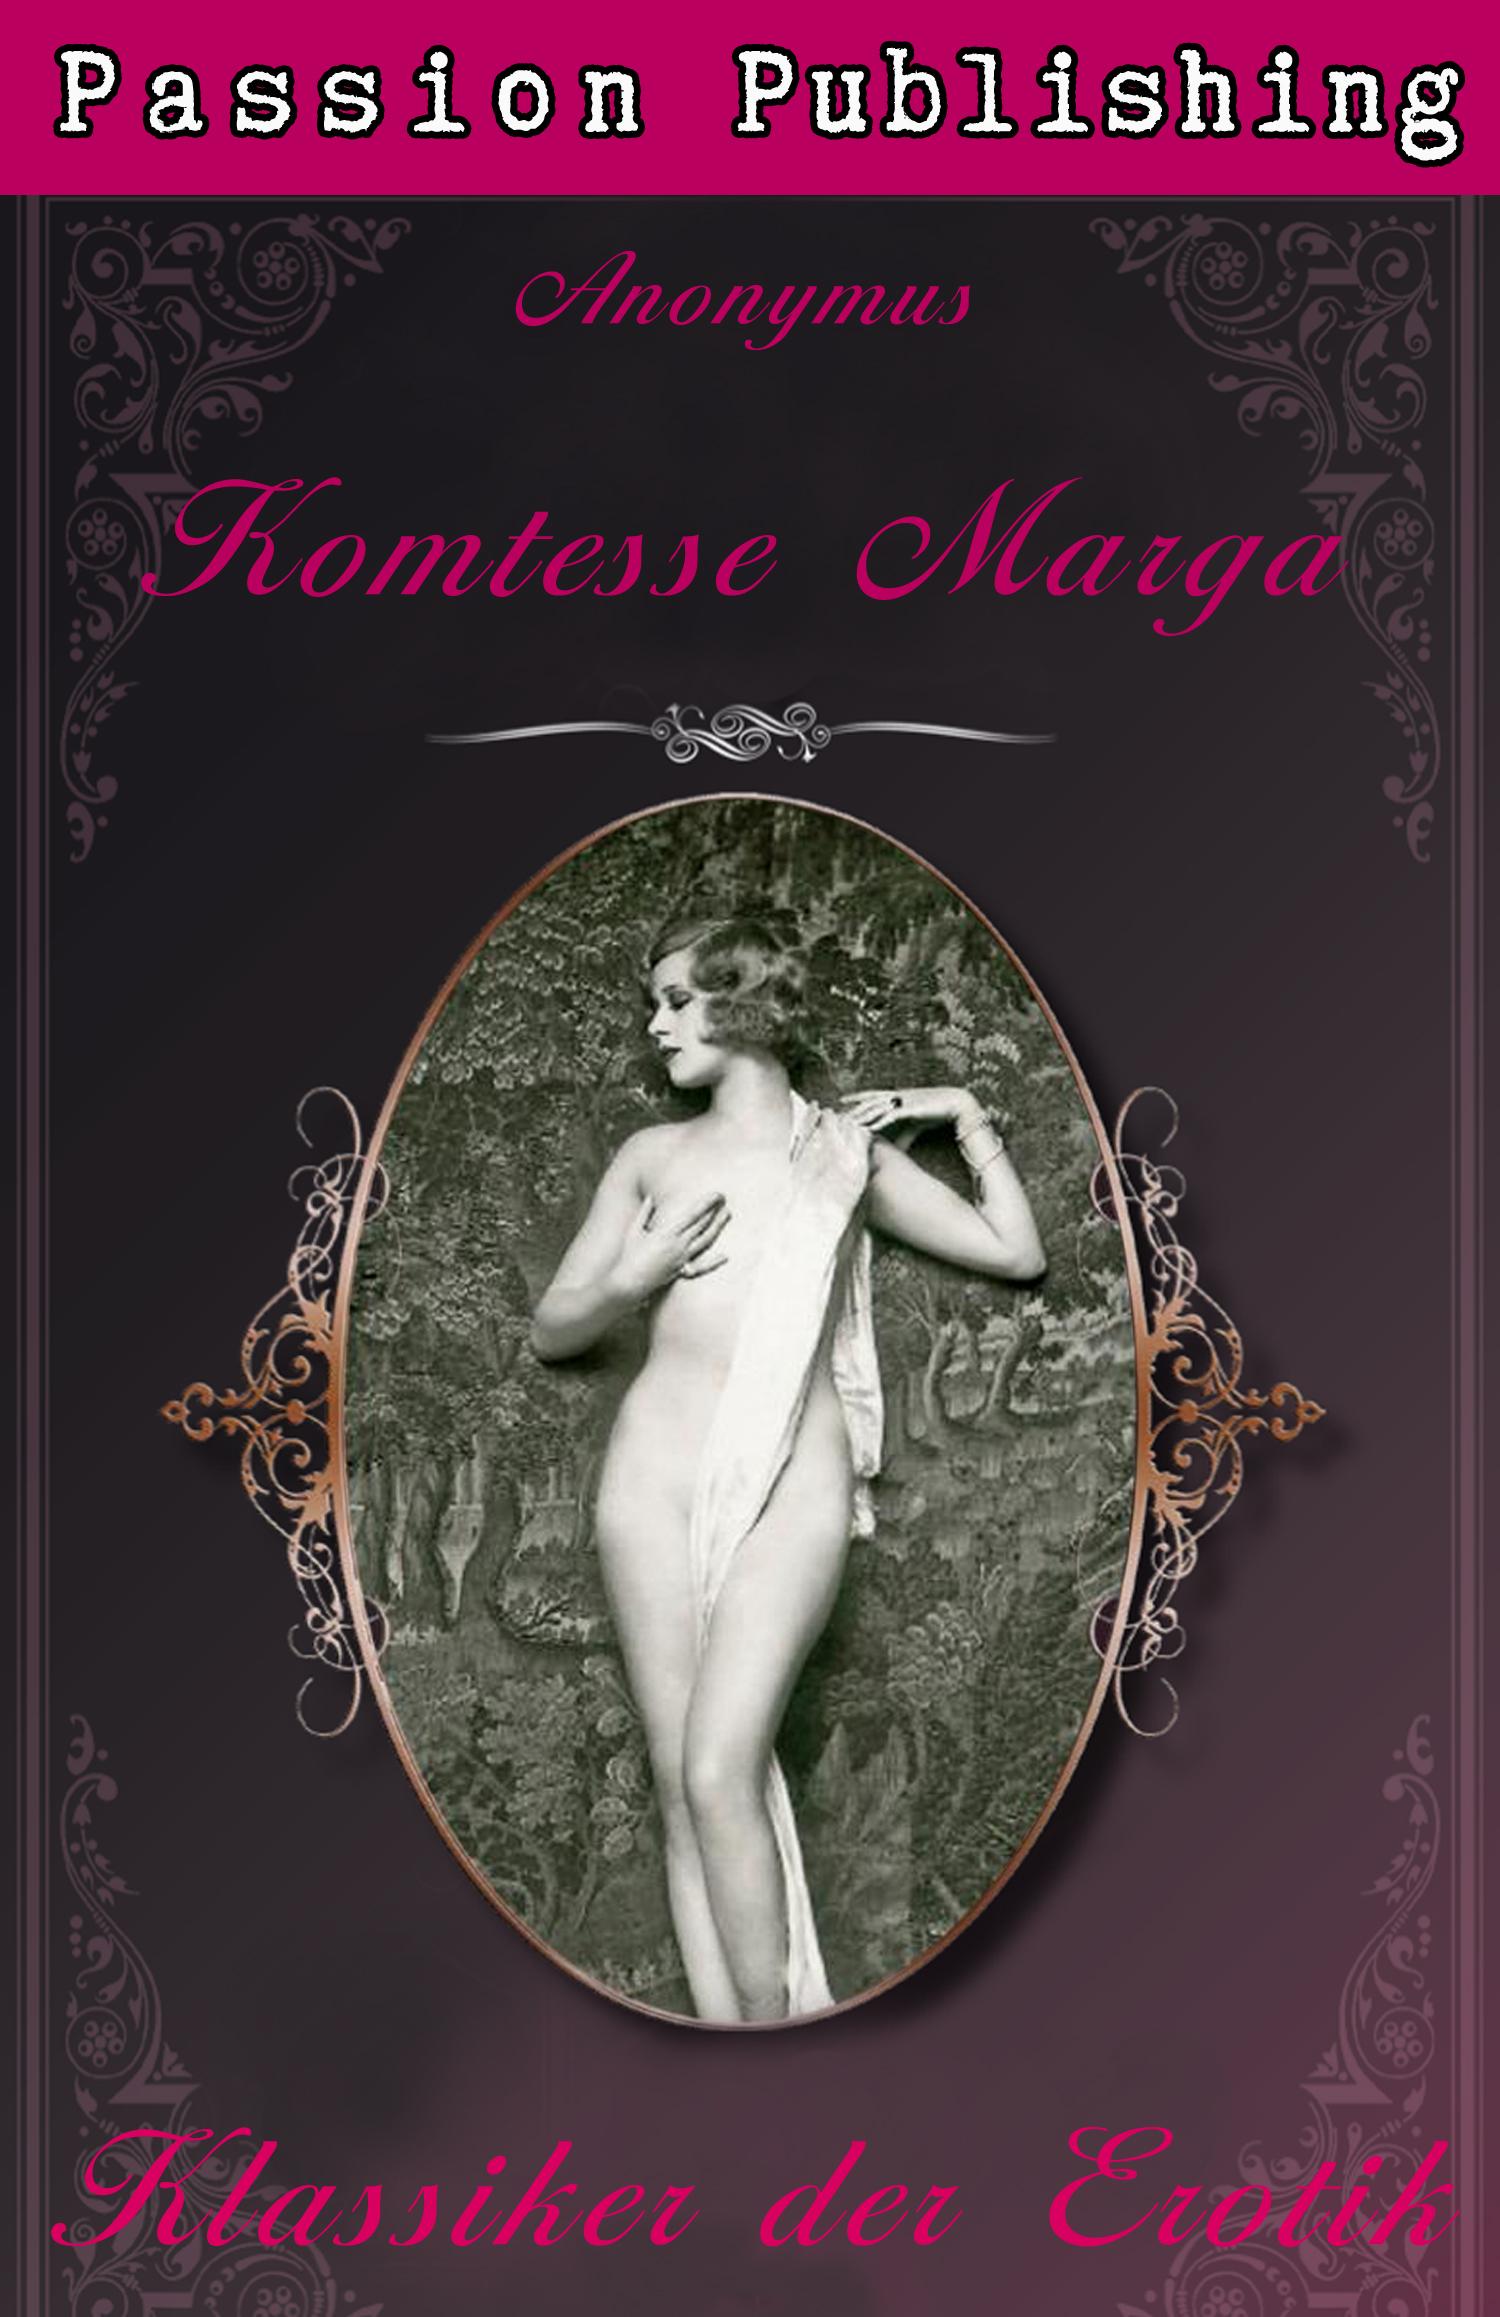 Anonymus Klassiker der Erotik 19: Komtesse Marga